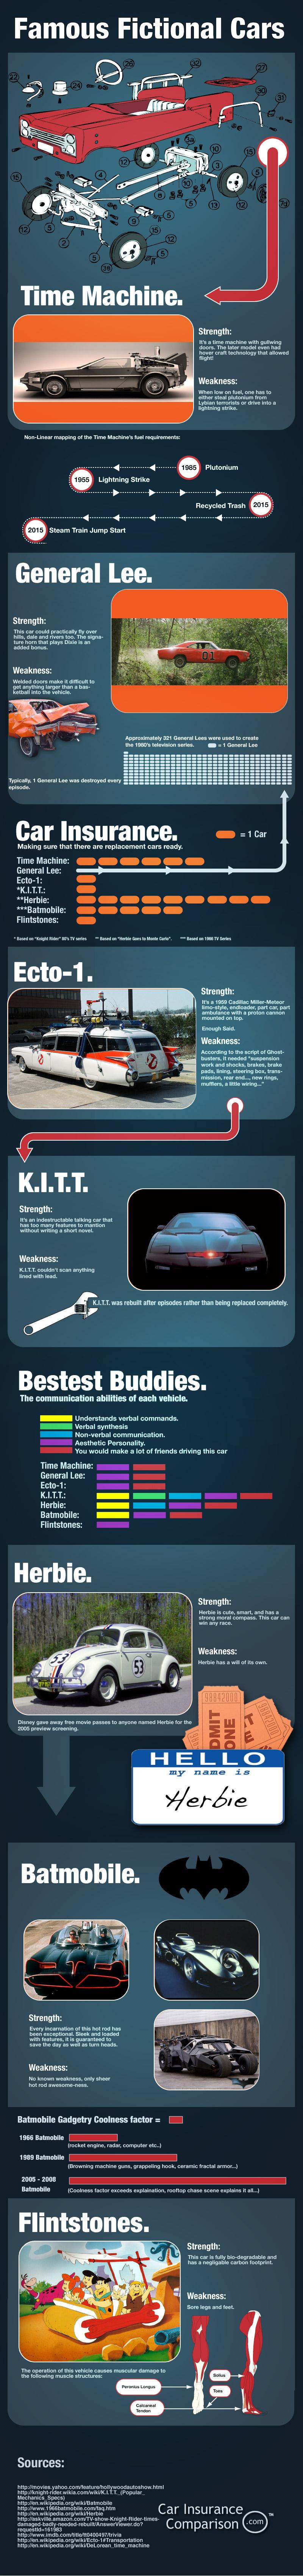 Famous Fictional Cars